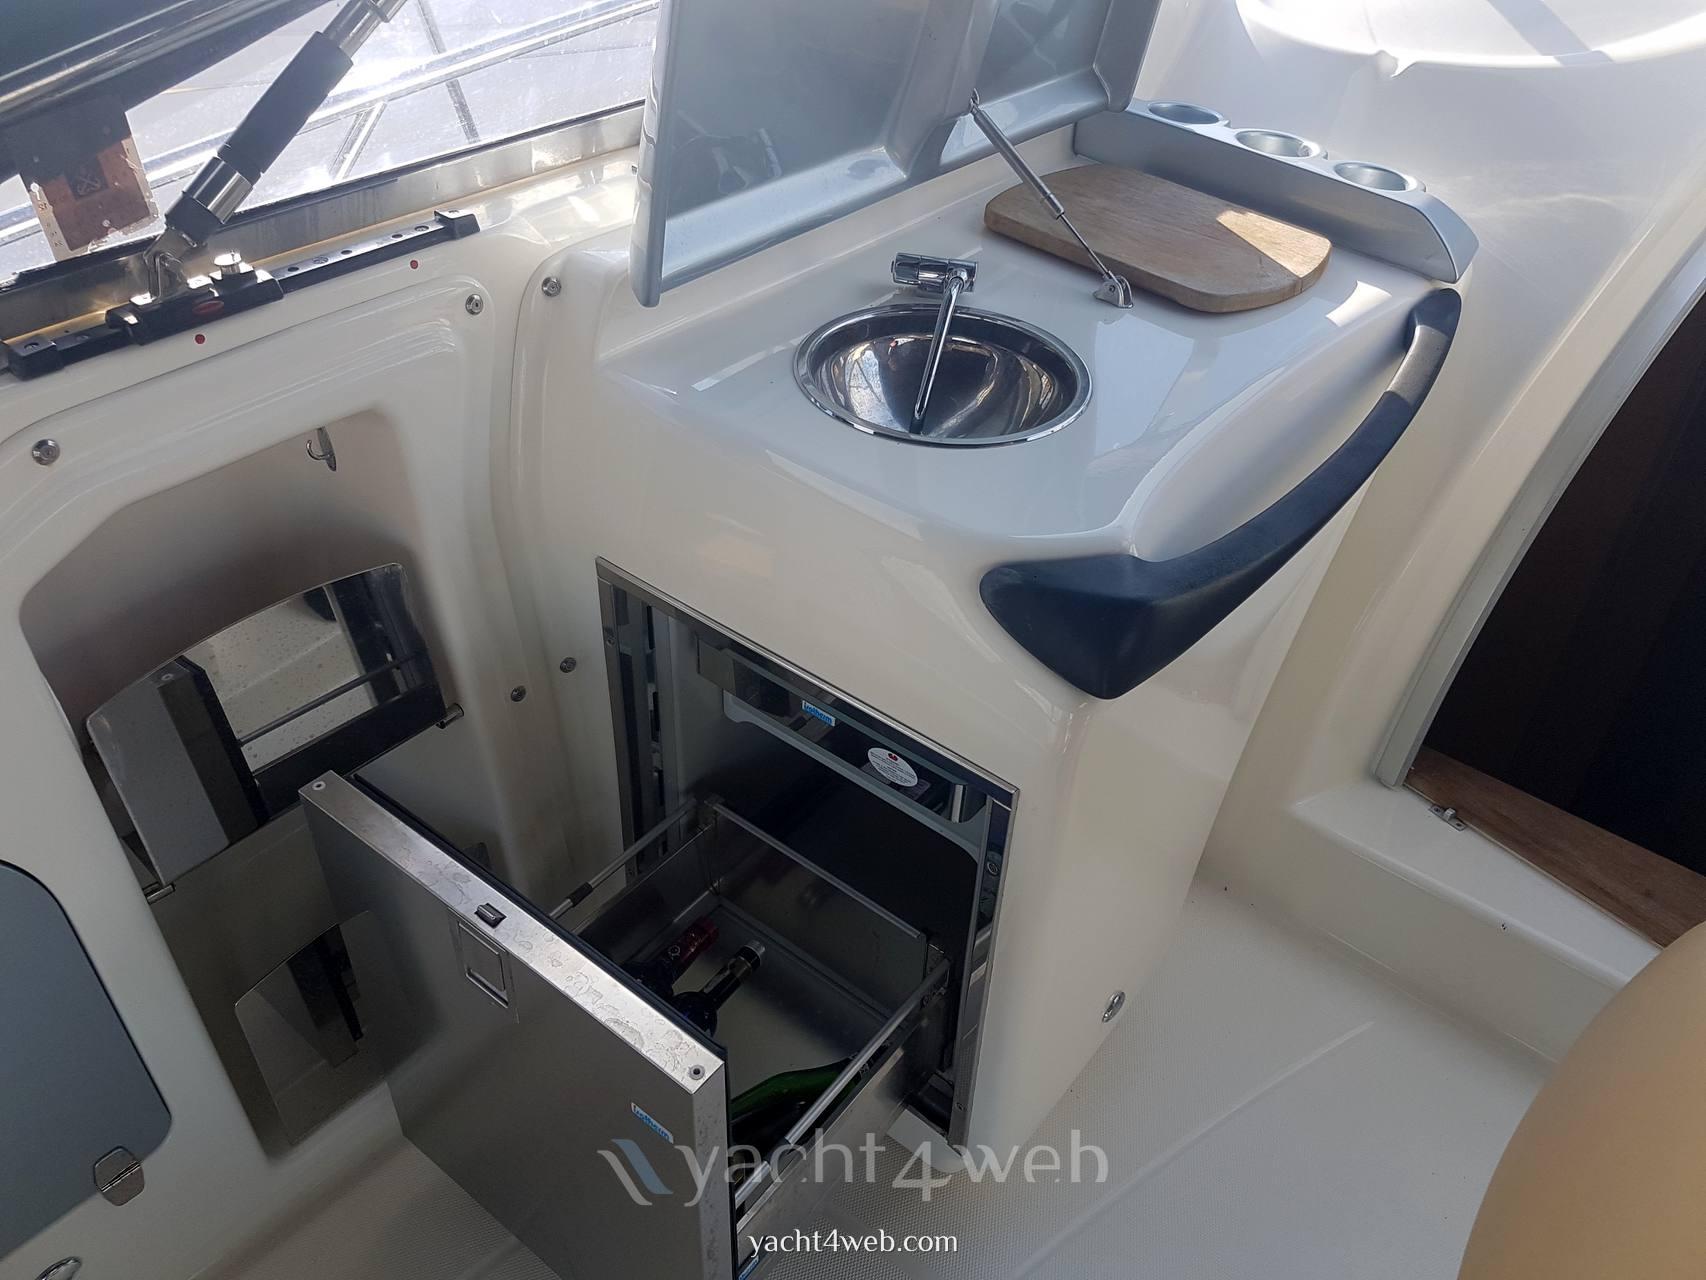 CRANCHI Zaffiro 36 Inside: detail